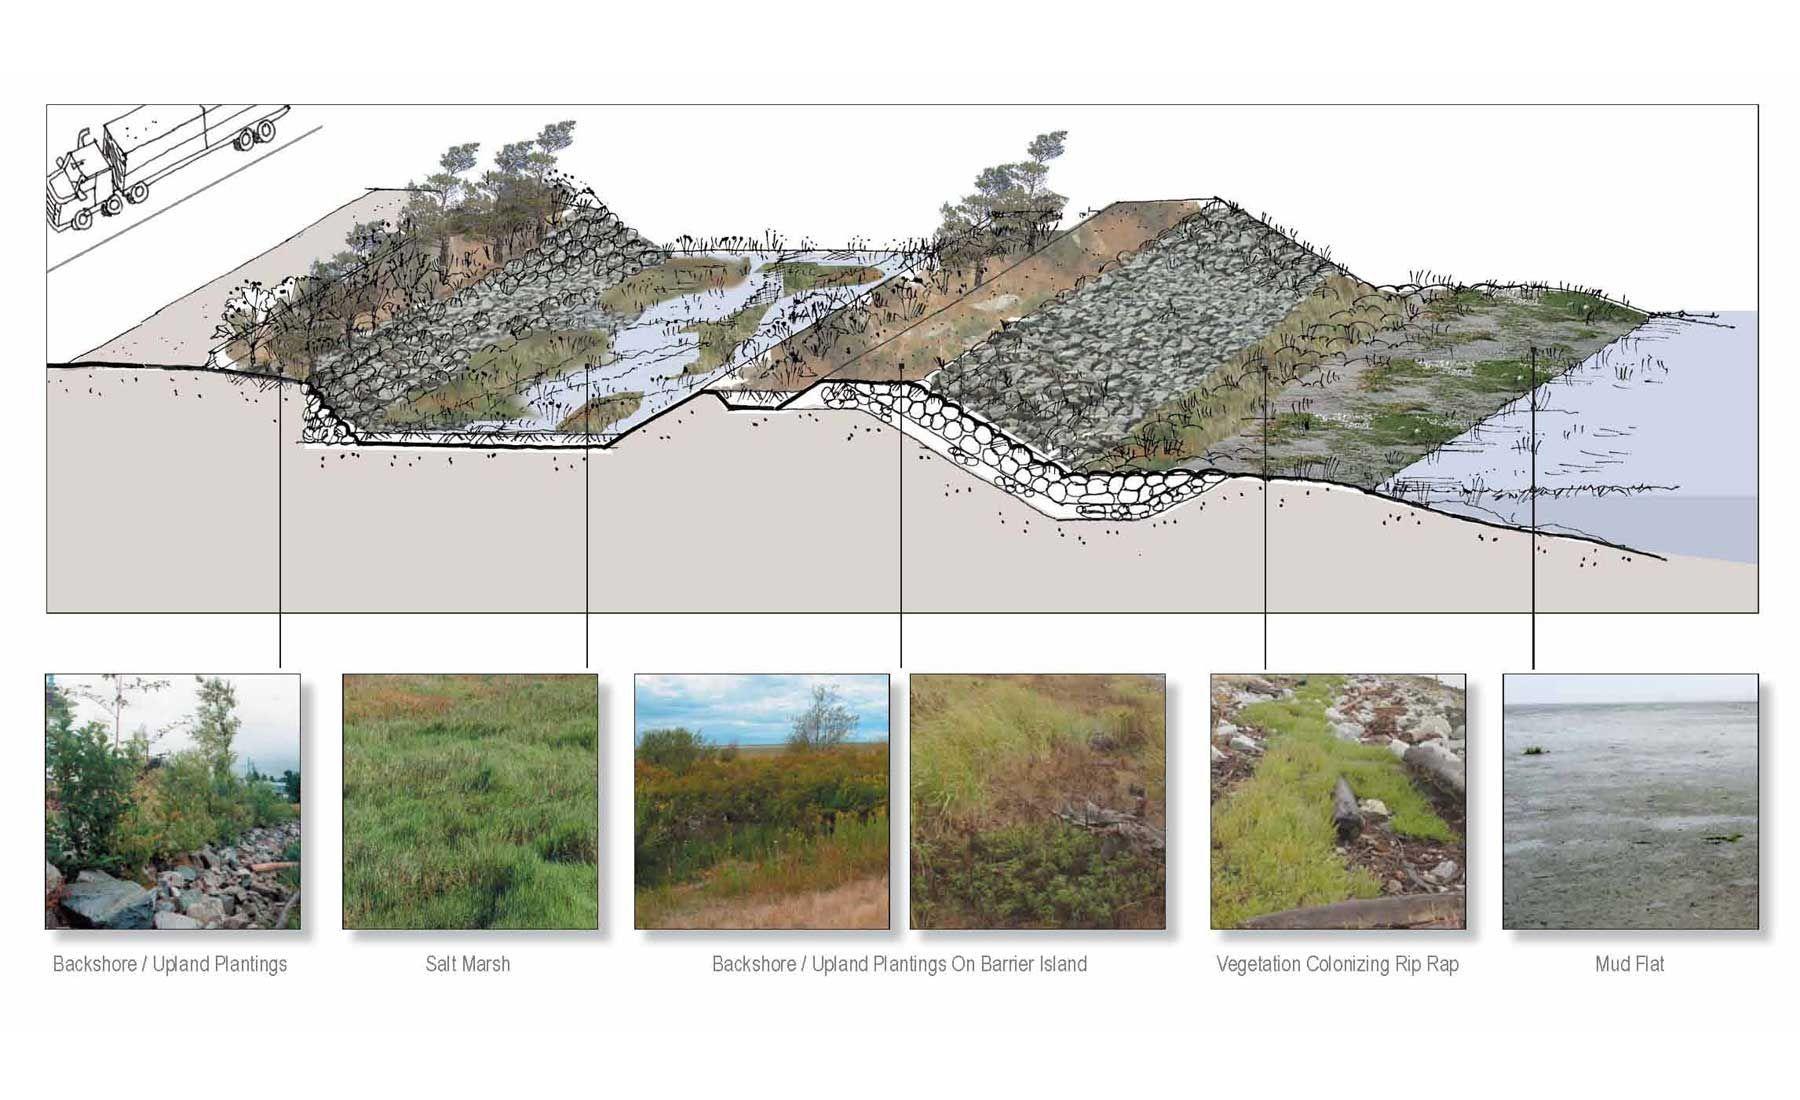 plant palette landscape architecture - Google Search   Diagrams   Pinterest   Architecture ...